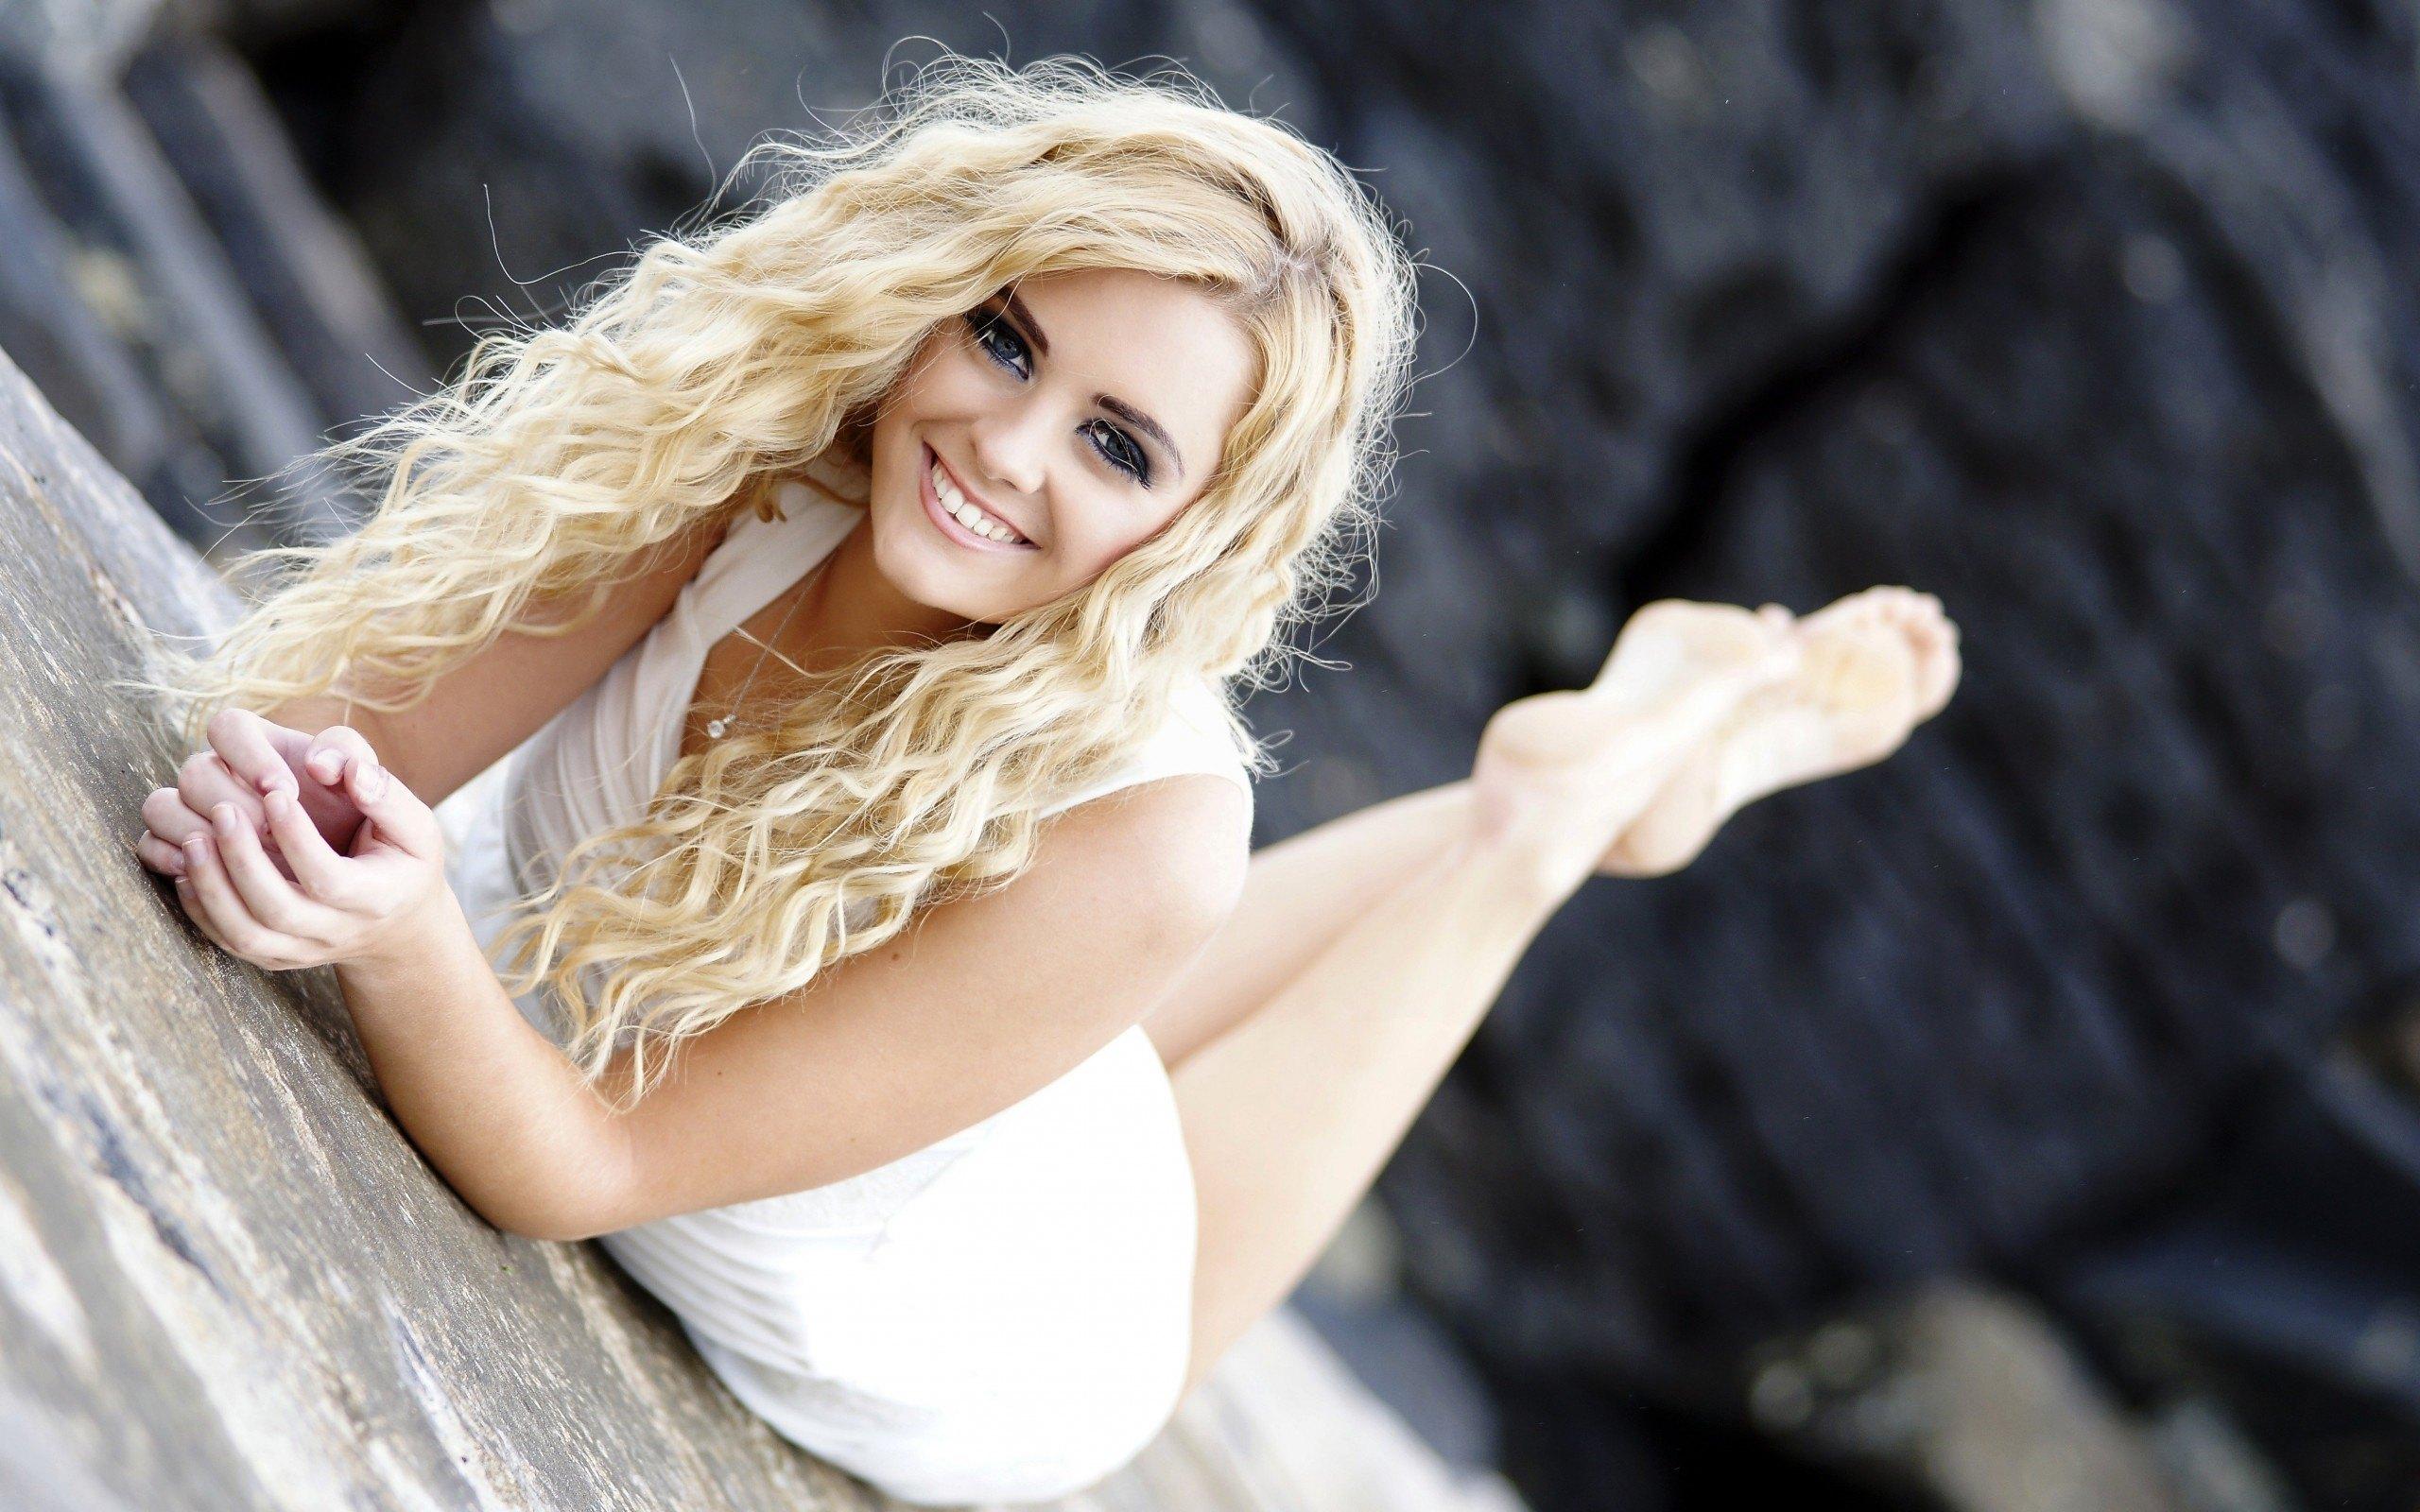 Смотреть фото красивых блондинок с волнистыми волосами